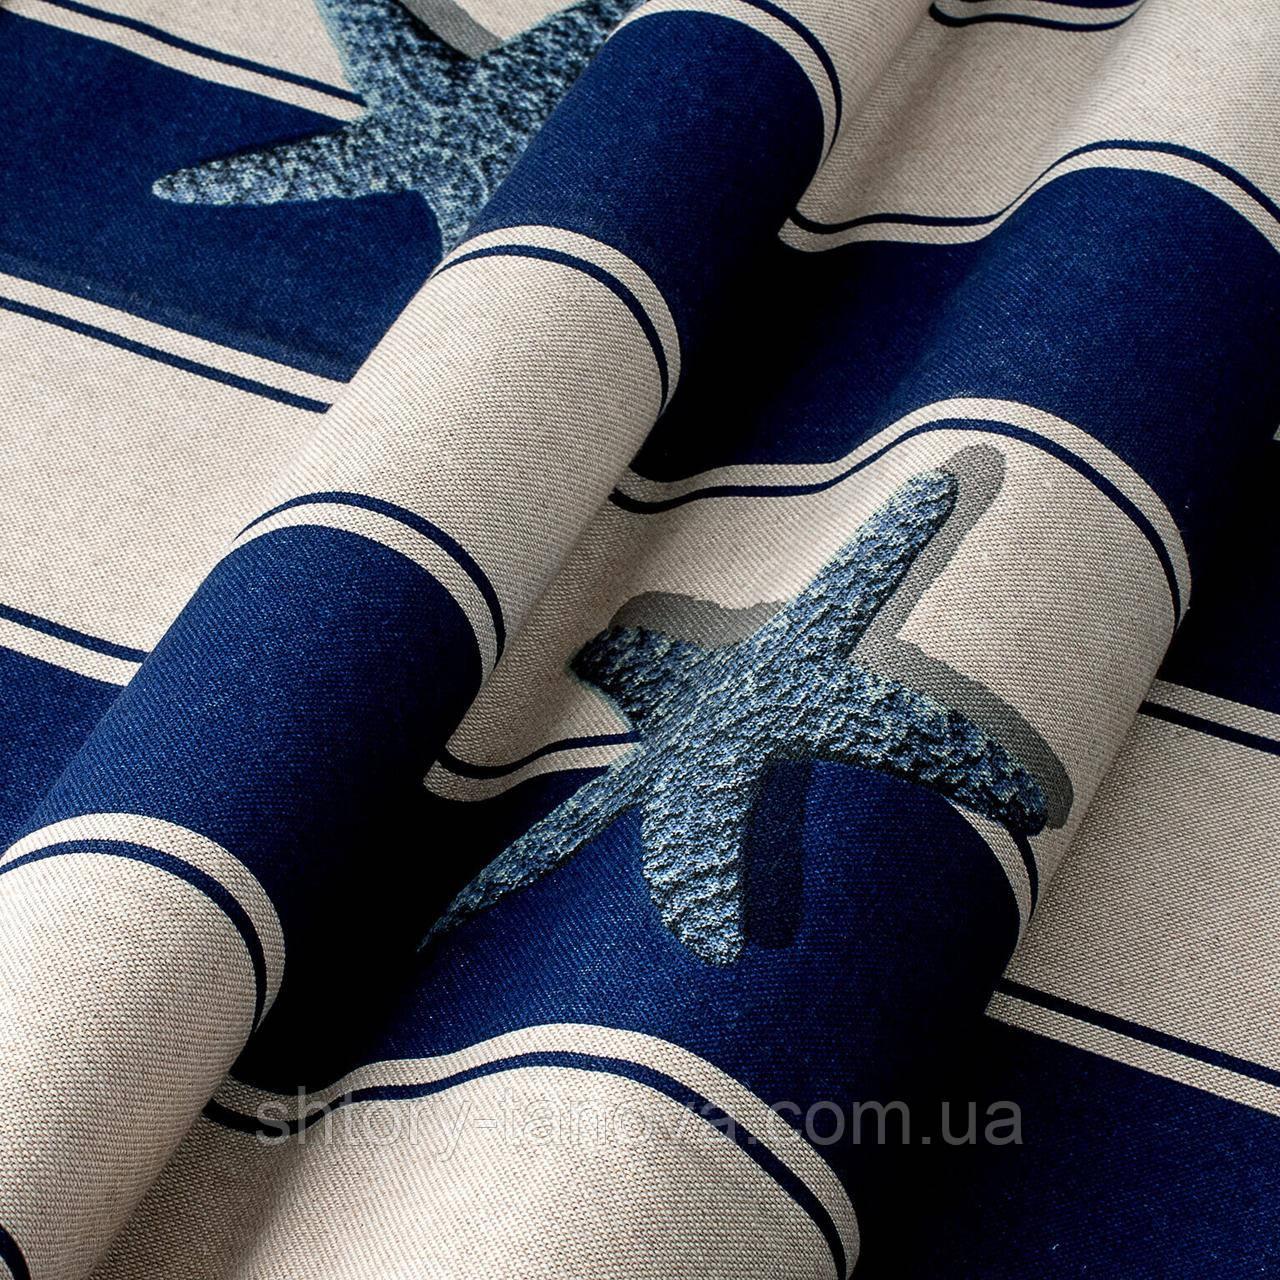 Декоративная ткань с принтом морская тематика